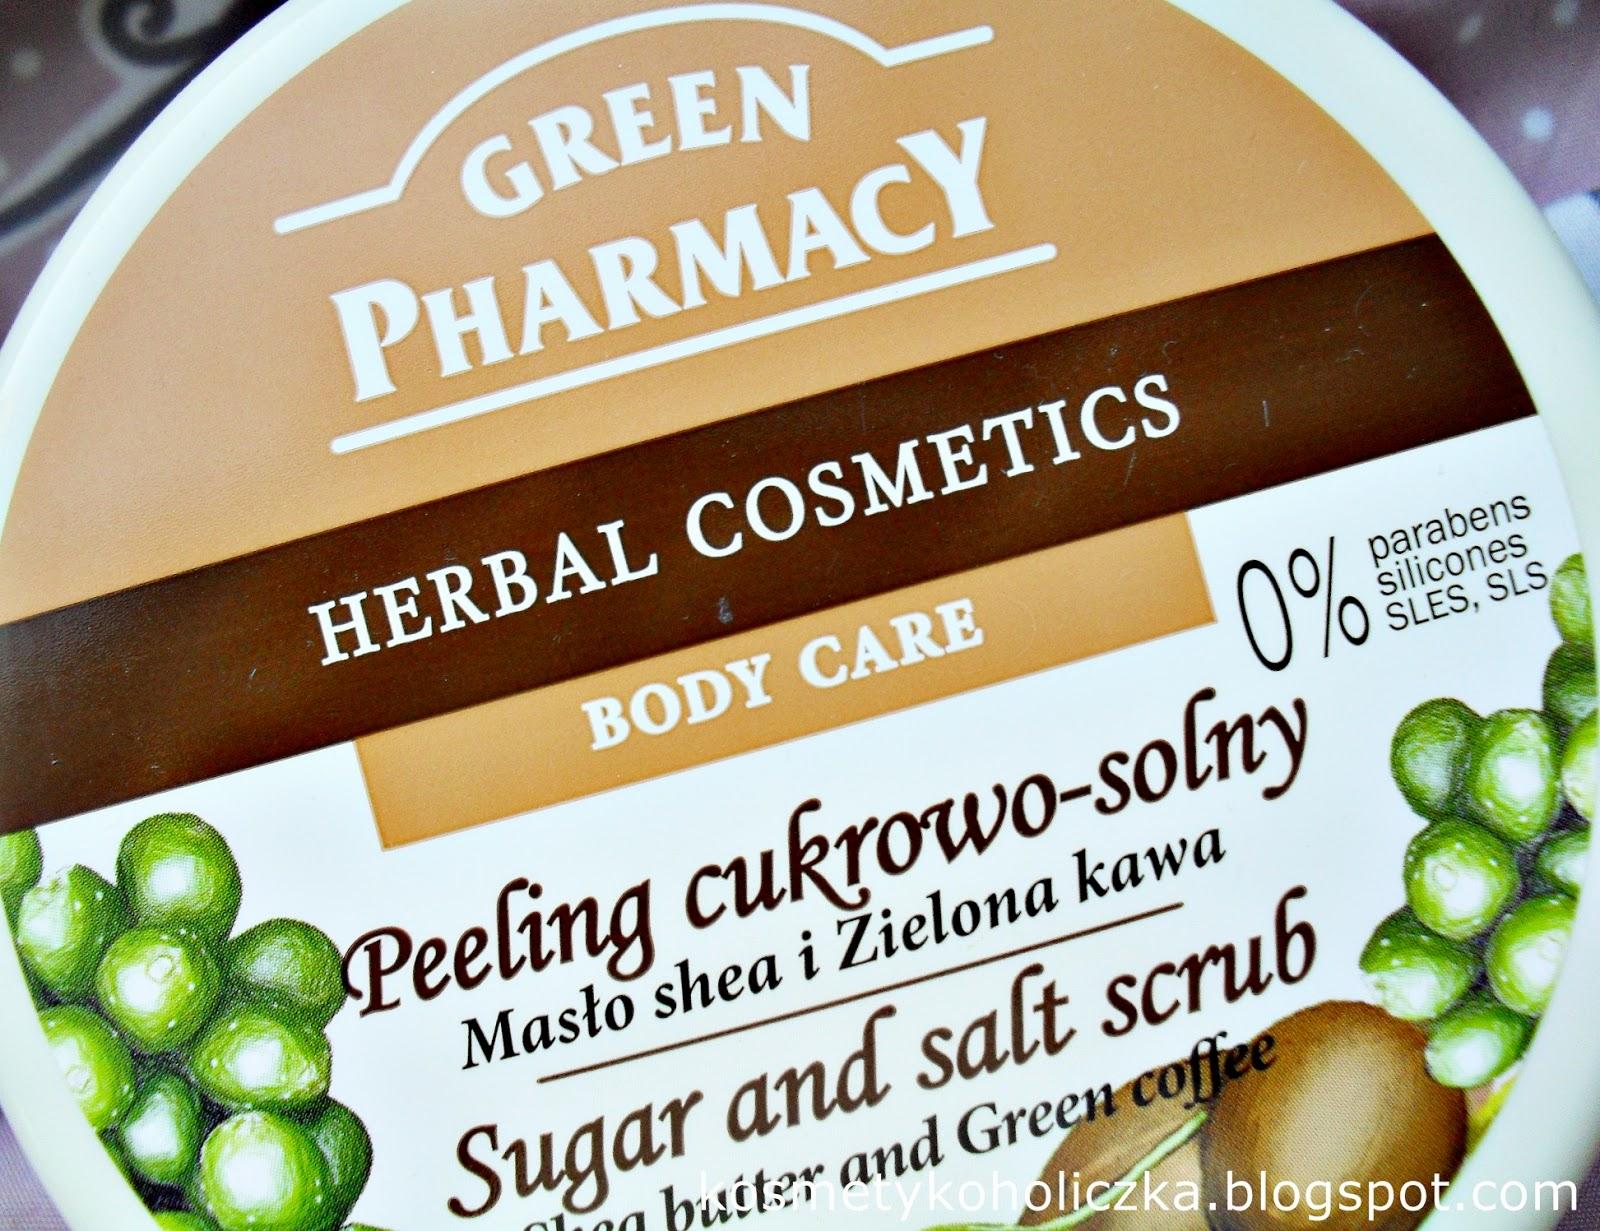 Green Pharmacy | Peeling cukrowo-solny Masło shea i Zielona kawa